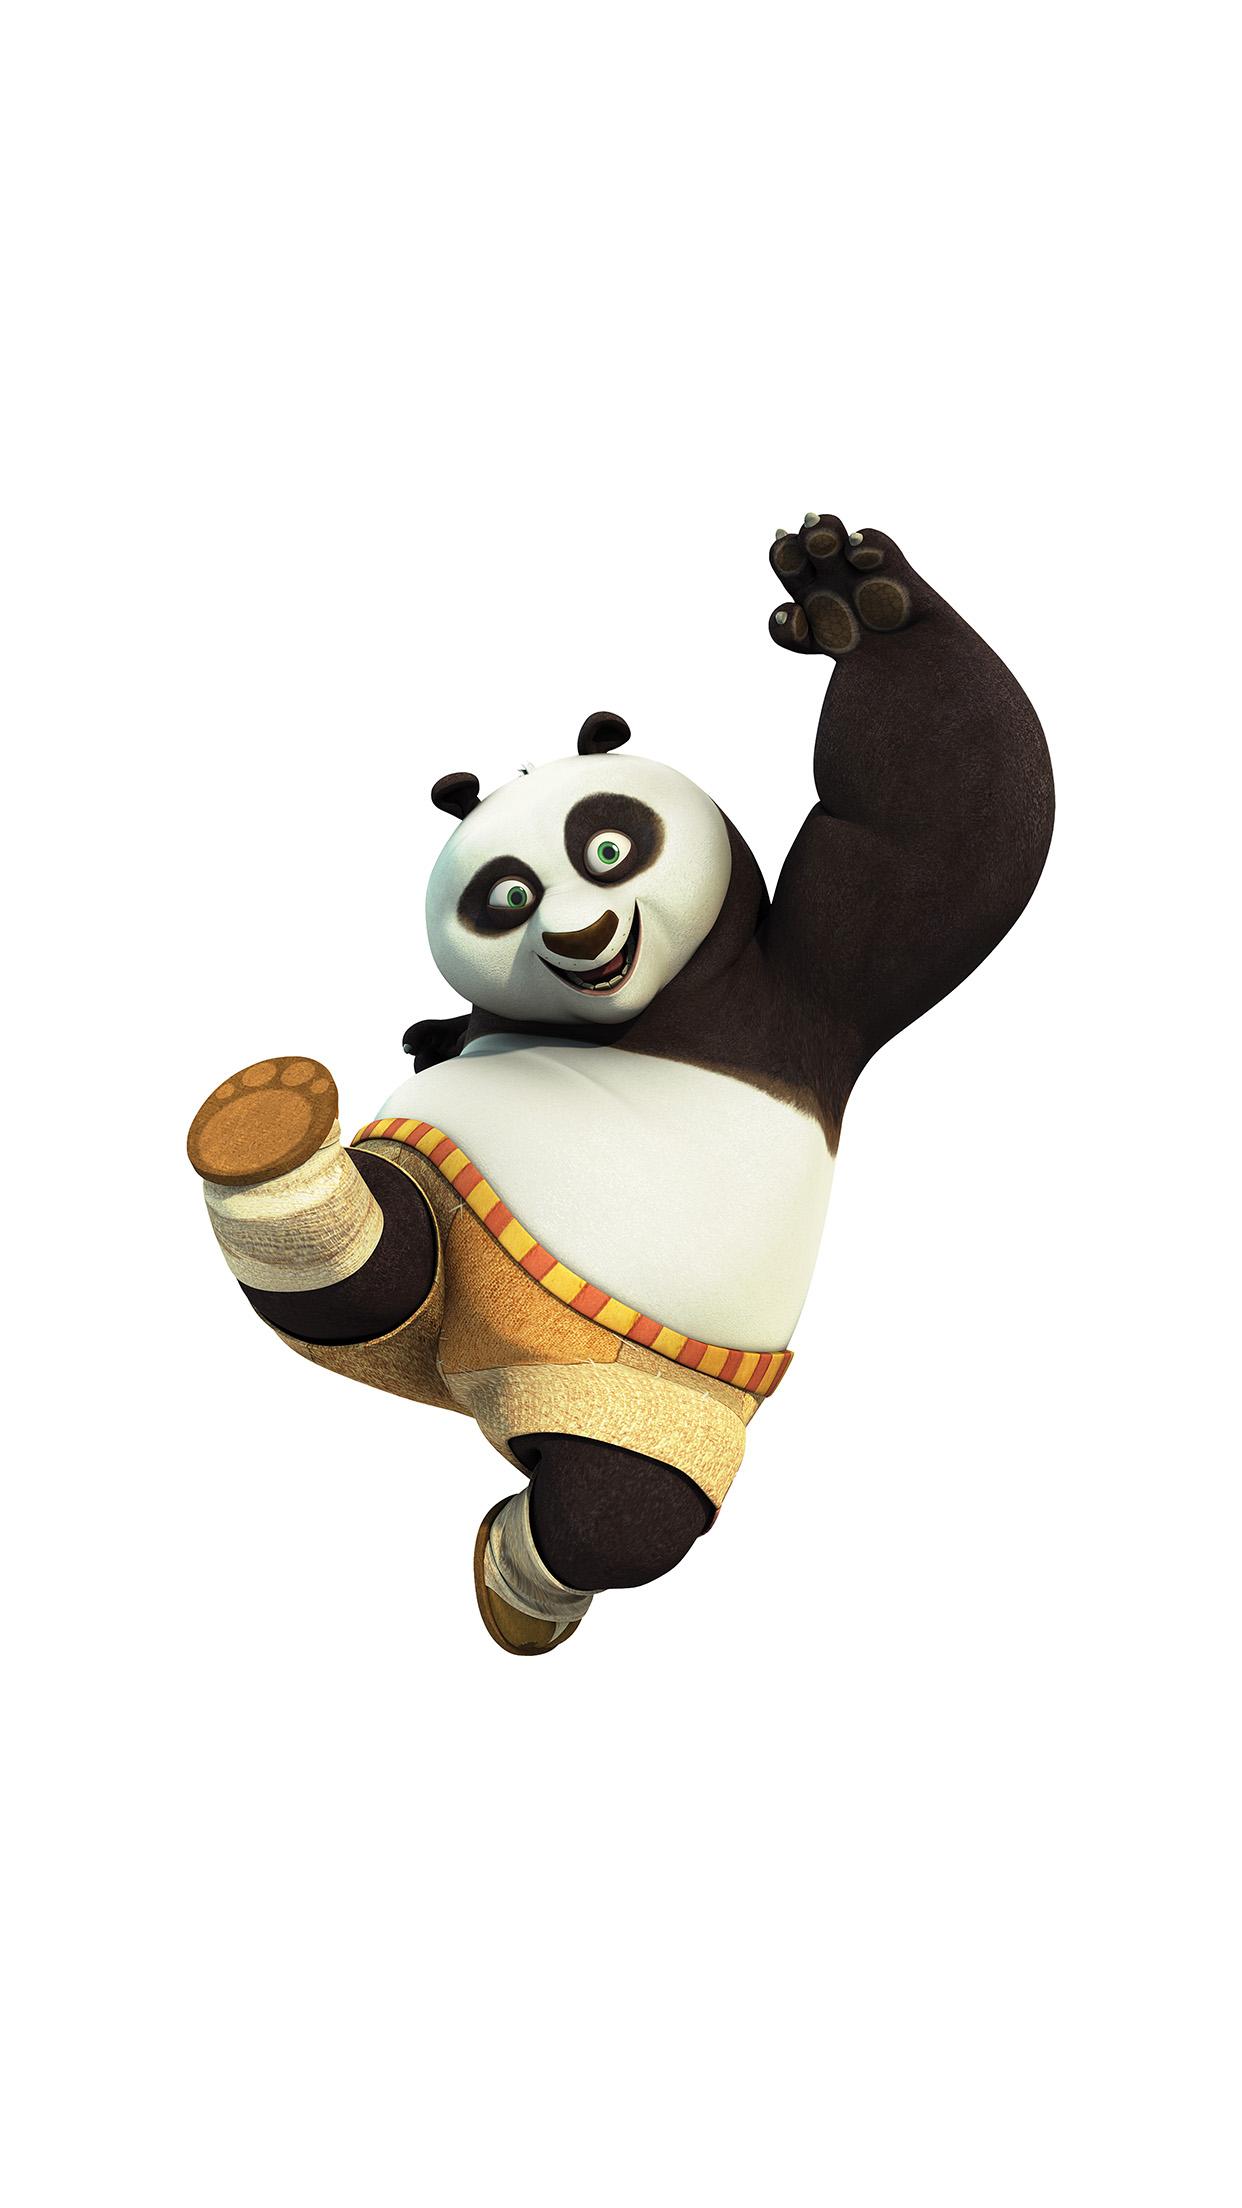 Iphone7paperscom Iphone7 Wallpaper An53 Kungfu Panda Animal